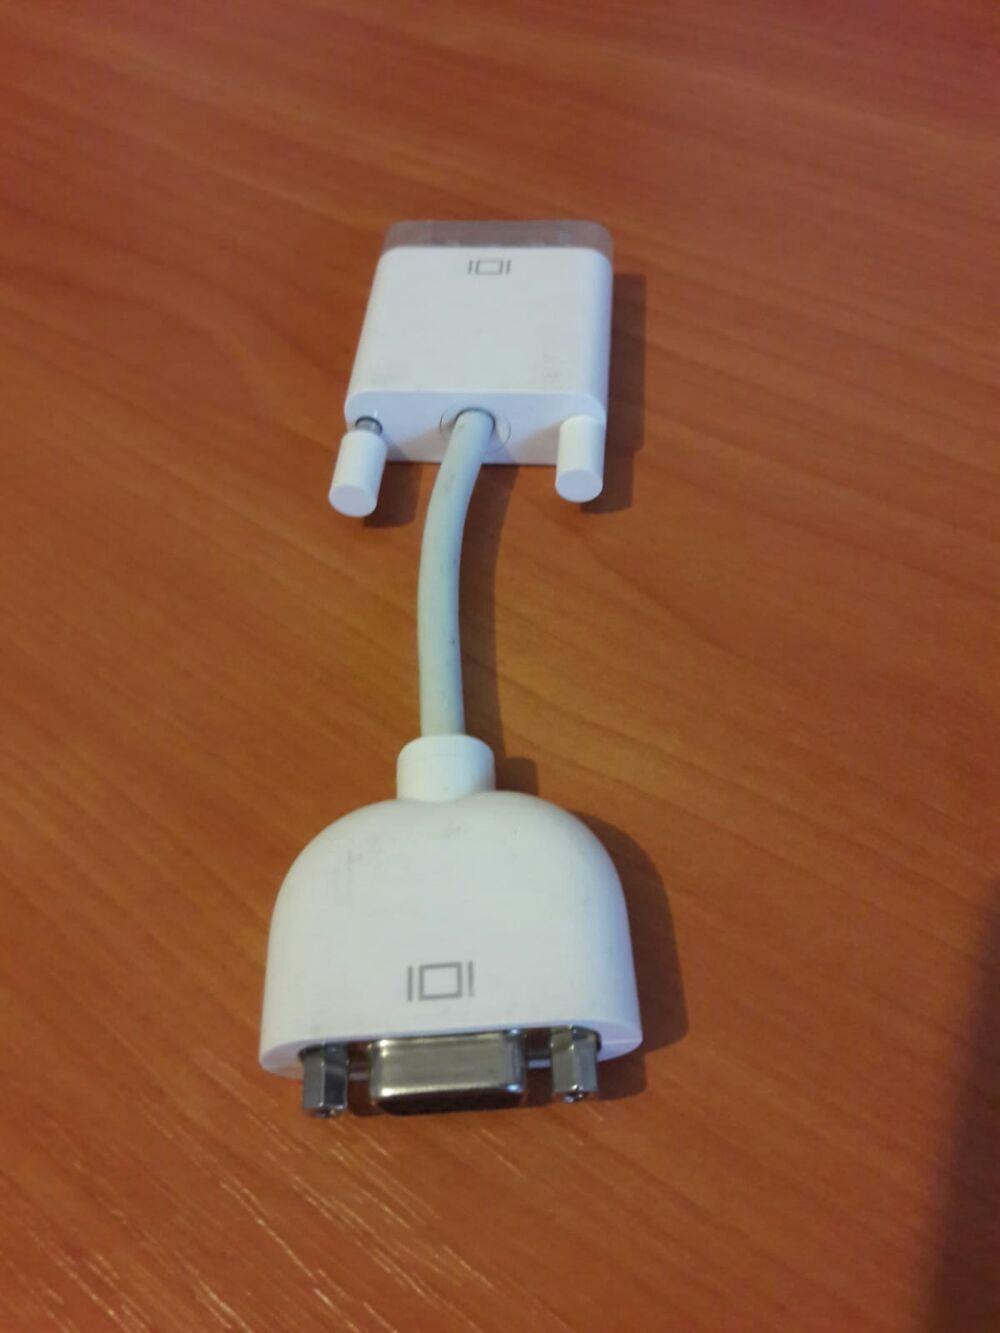 Cablu vga -dvi apple - imagine 1